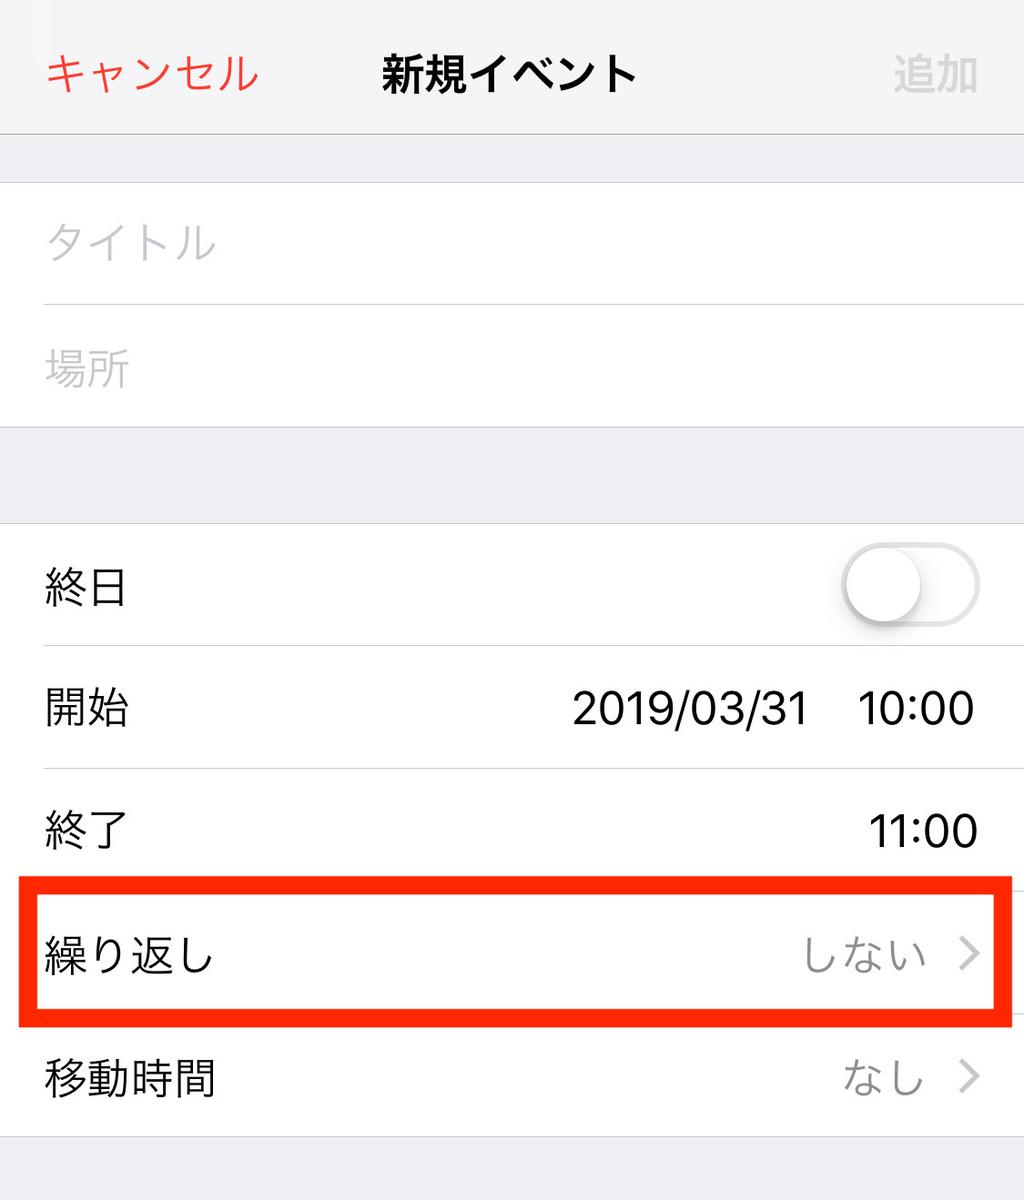 f:id:tyoshikawa1106:20190331102912j:plain:w200